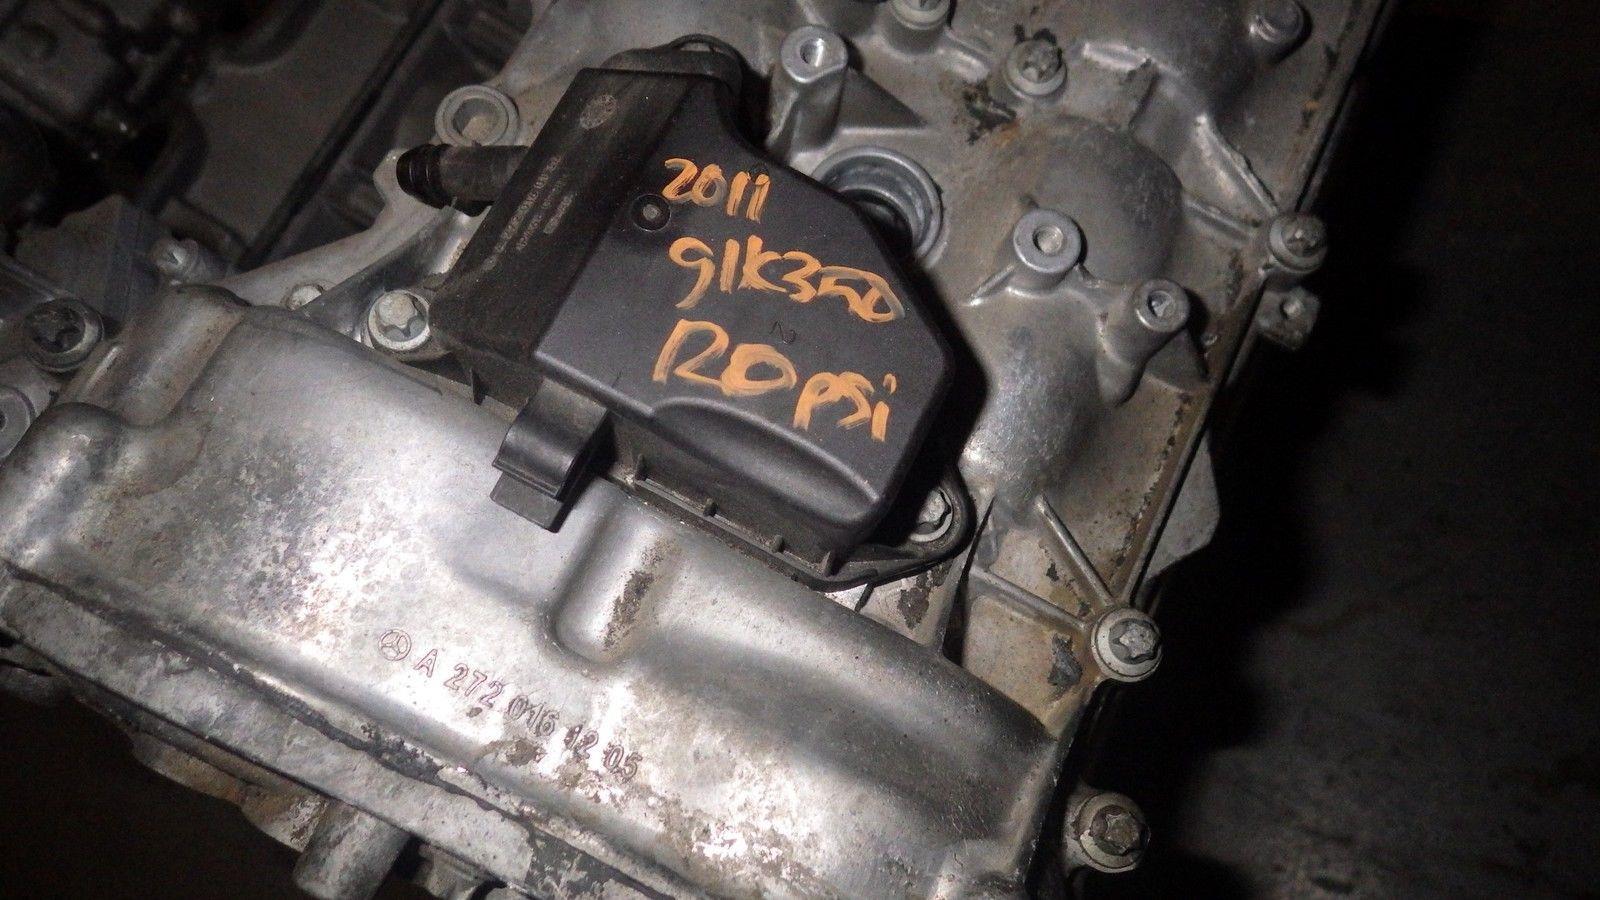 09 12 mercedes glk350 engine motor v6 3 5l rwd ebay for Mercedes benz 3 5 v6 engine